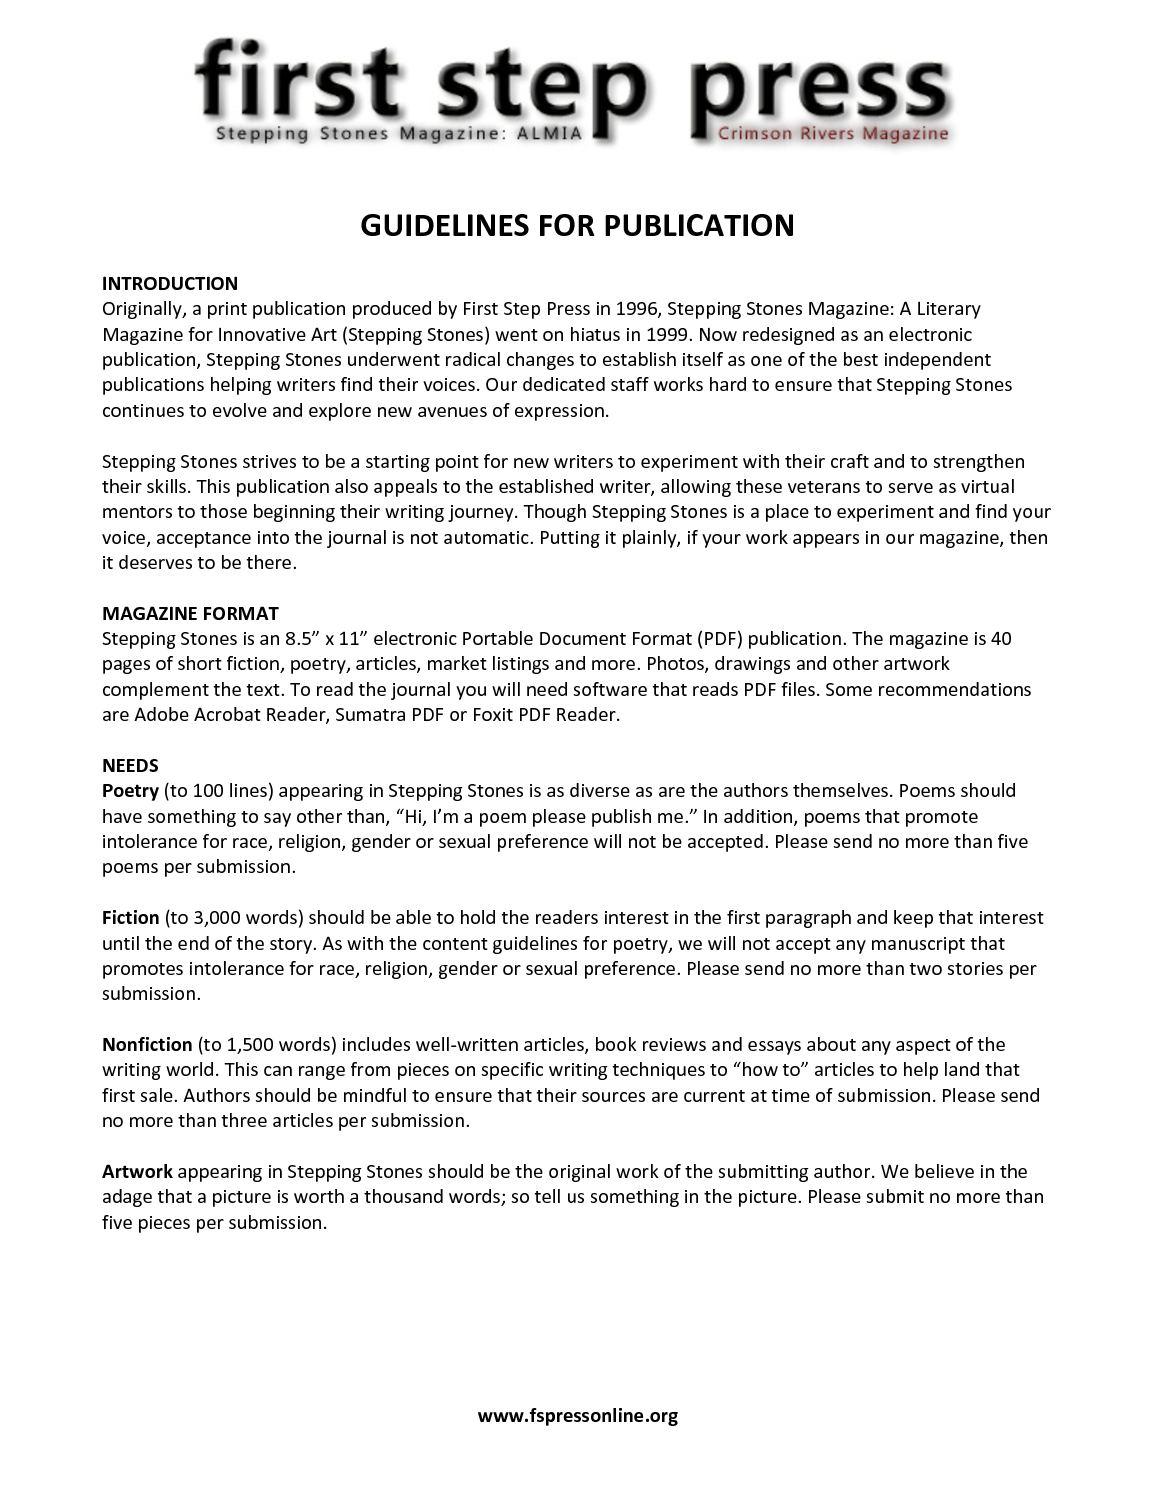 Calaméo - SSM: ALMIA Writers' Guidelines